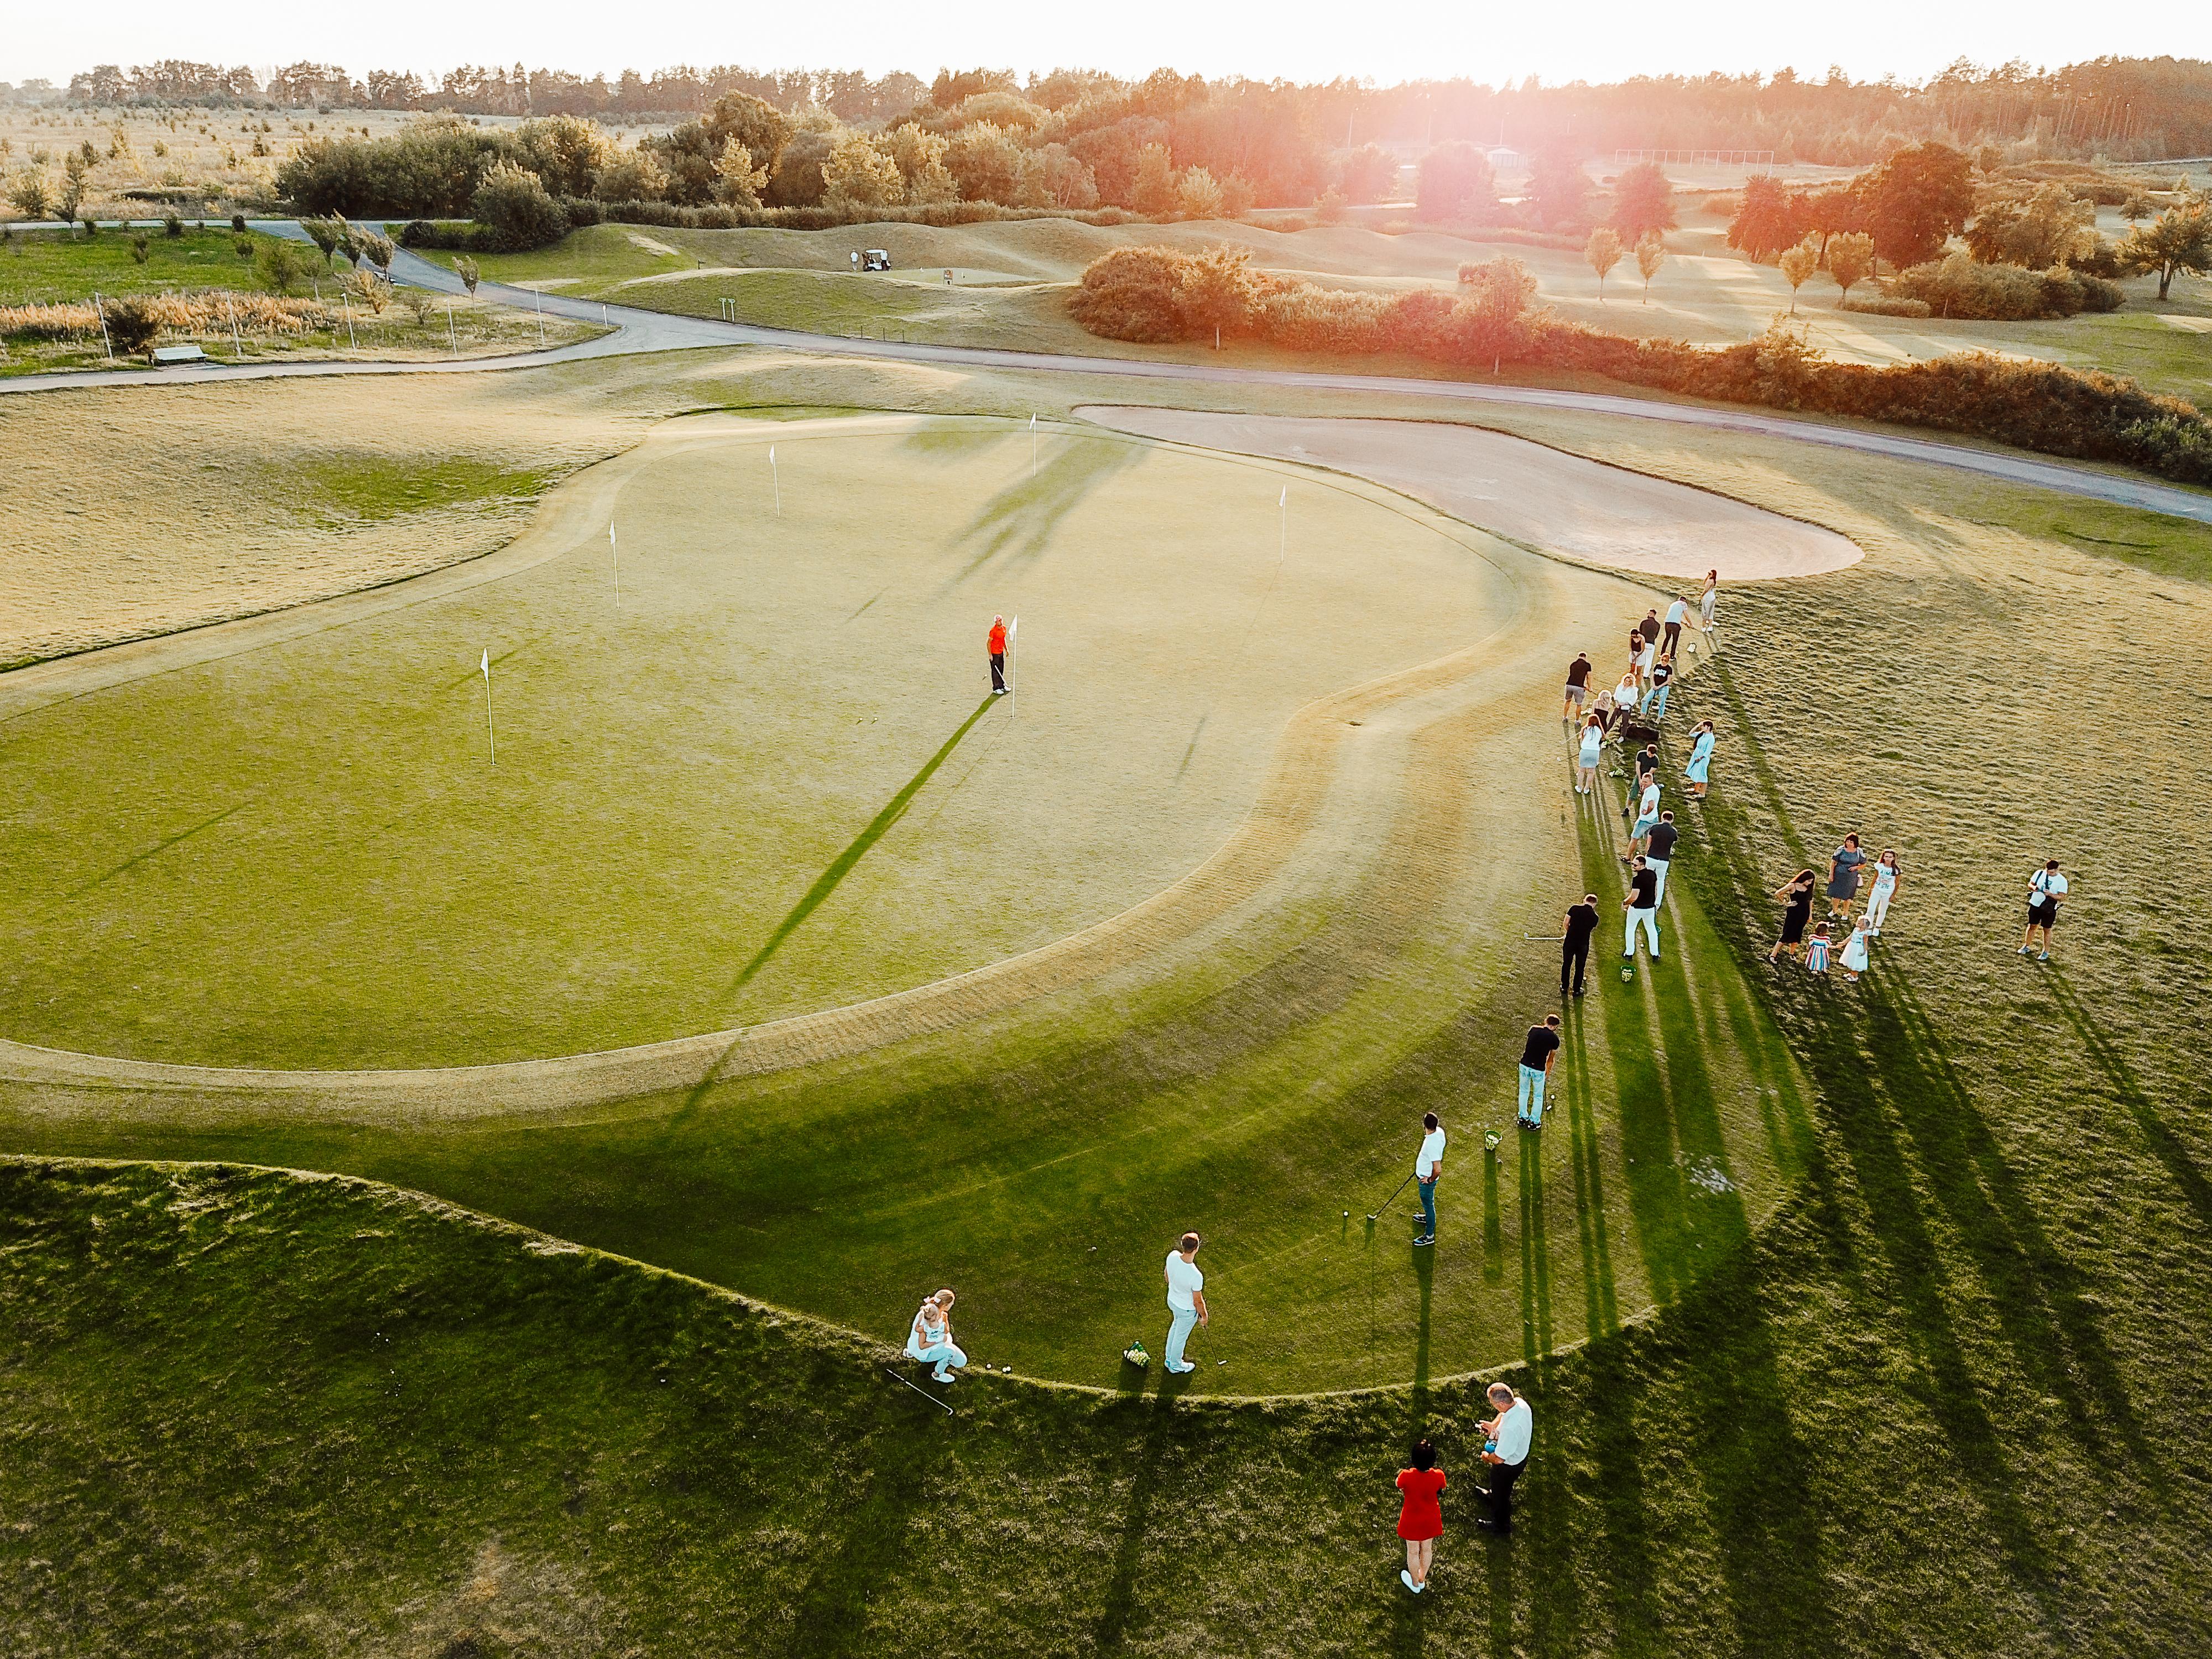 ГольфСтрім golf village гольф-турнір івент гольф